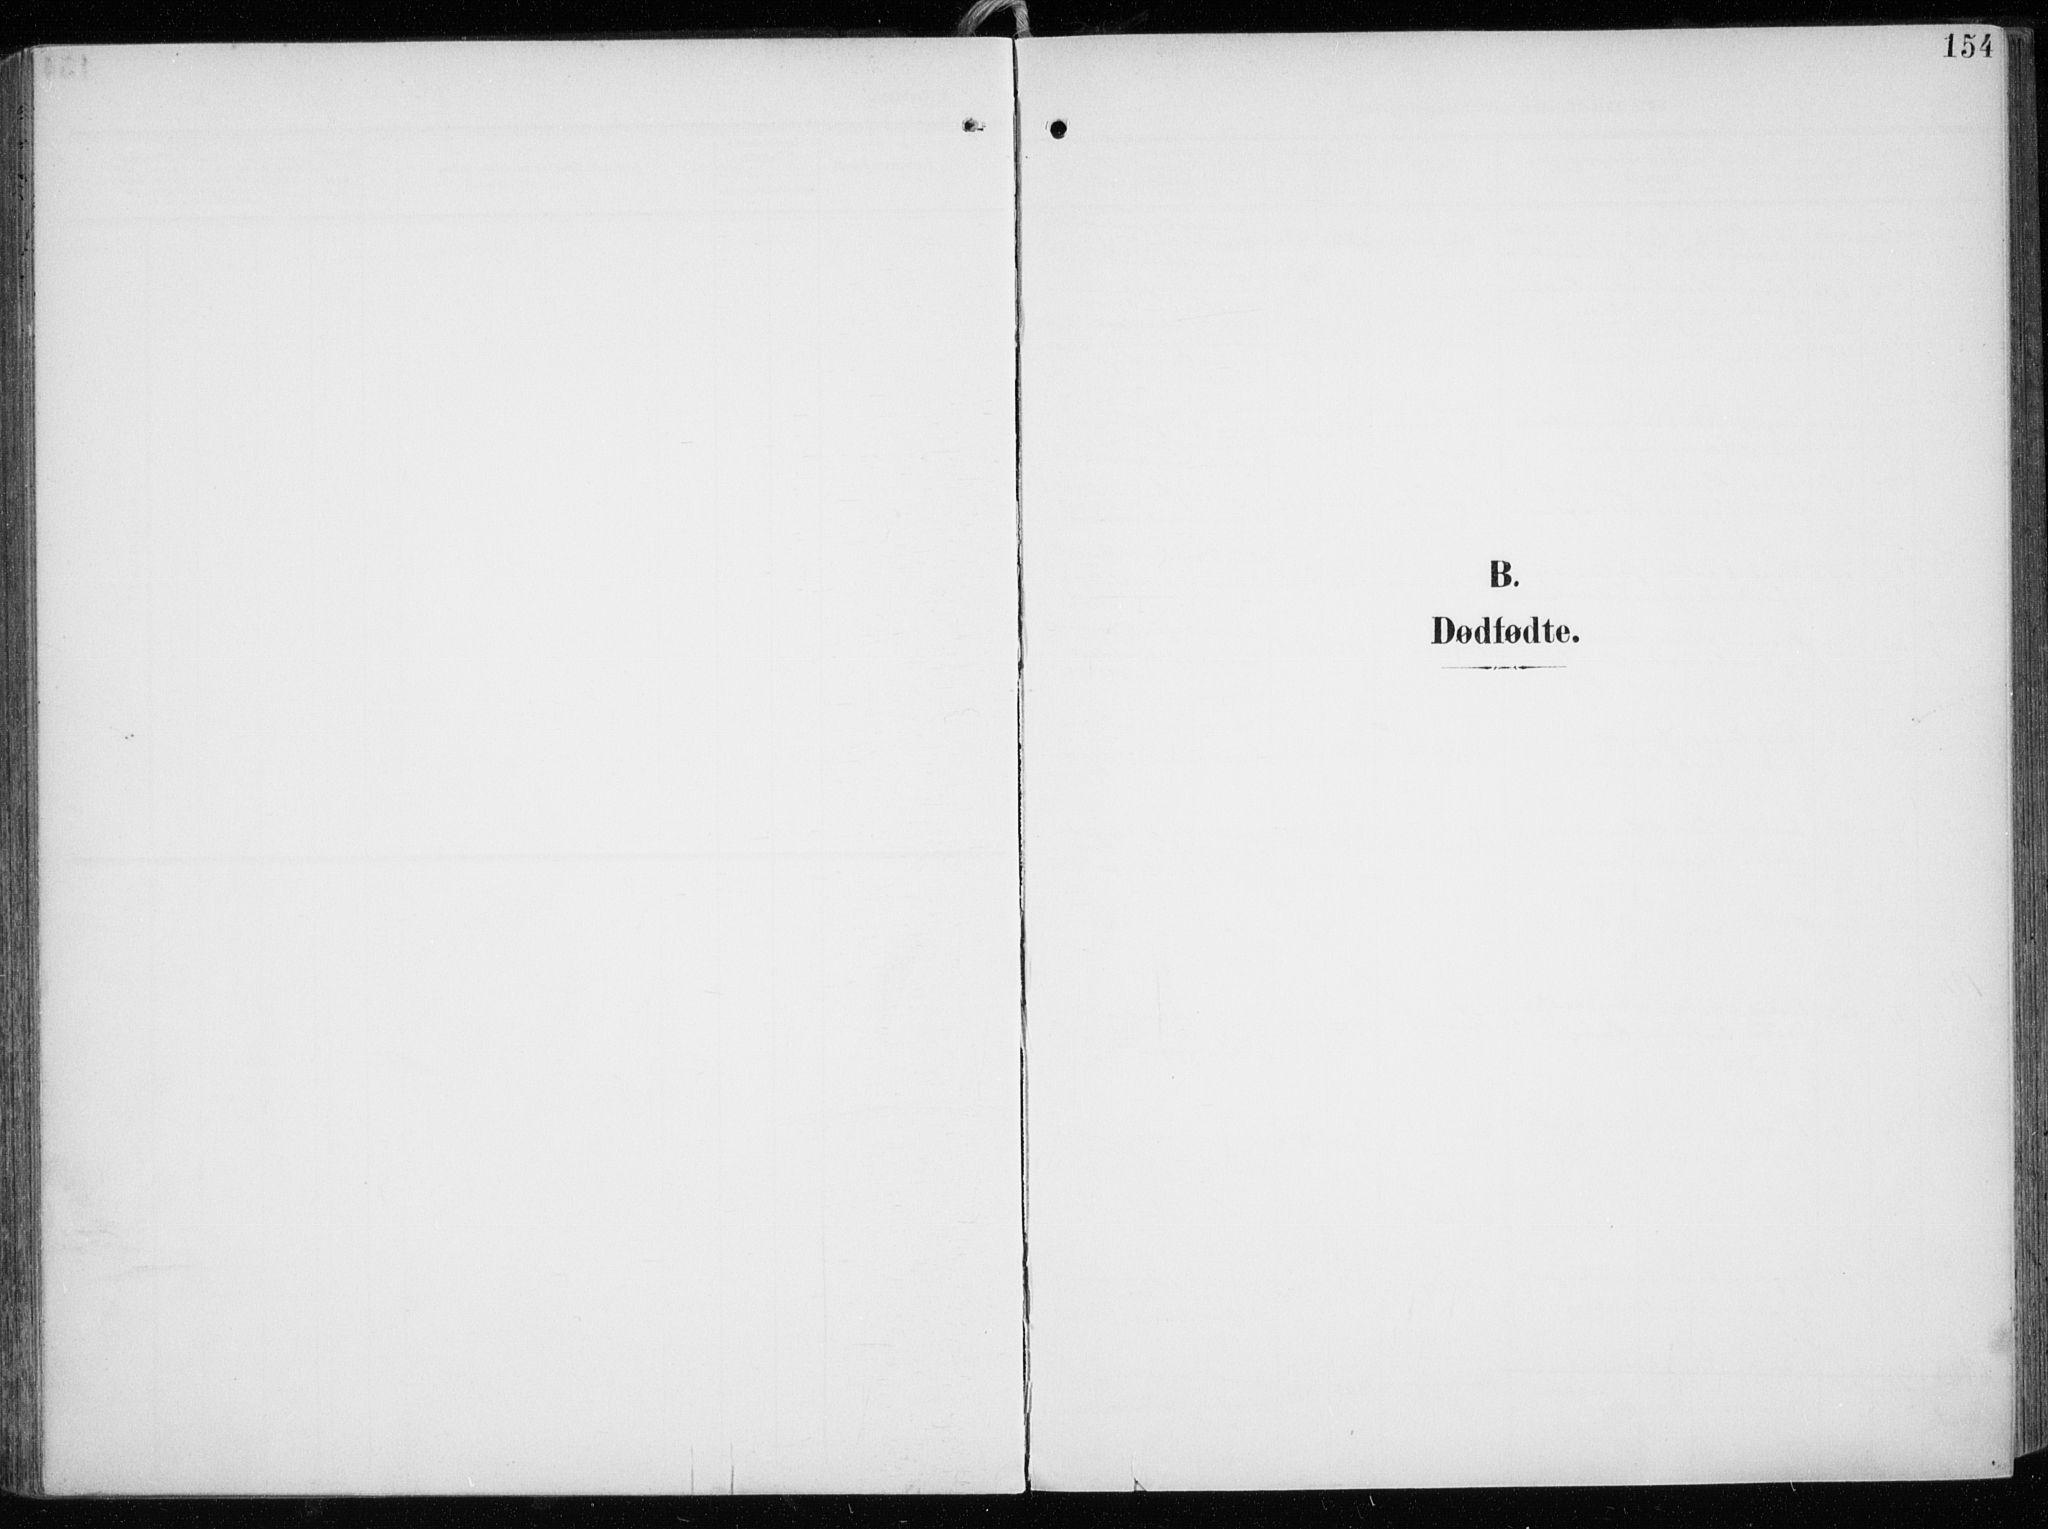 SATØ, Tromsøysund sokneprestkontor, G/Ga/L0007kirke: Ministerialbok nr. 7, 1907-1914, s. 154